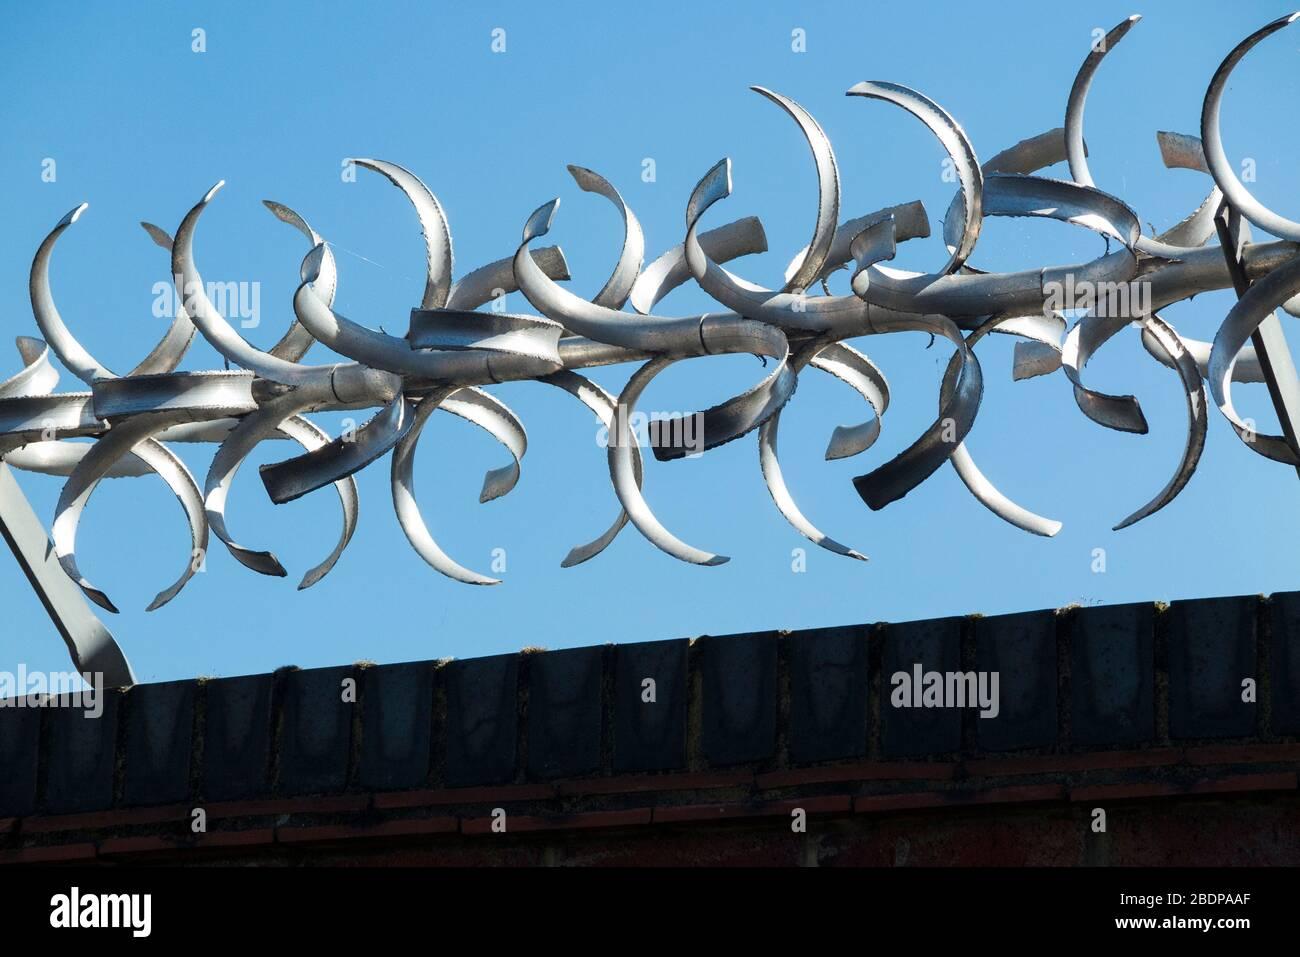 Grand et haut mur de briques avec barrière de sécurité tournante moderne avec barbelés incurvés / girouettes à pointes sur le dessus de lui, à des fins de sécurité. (116) Banque D'Images